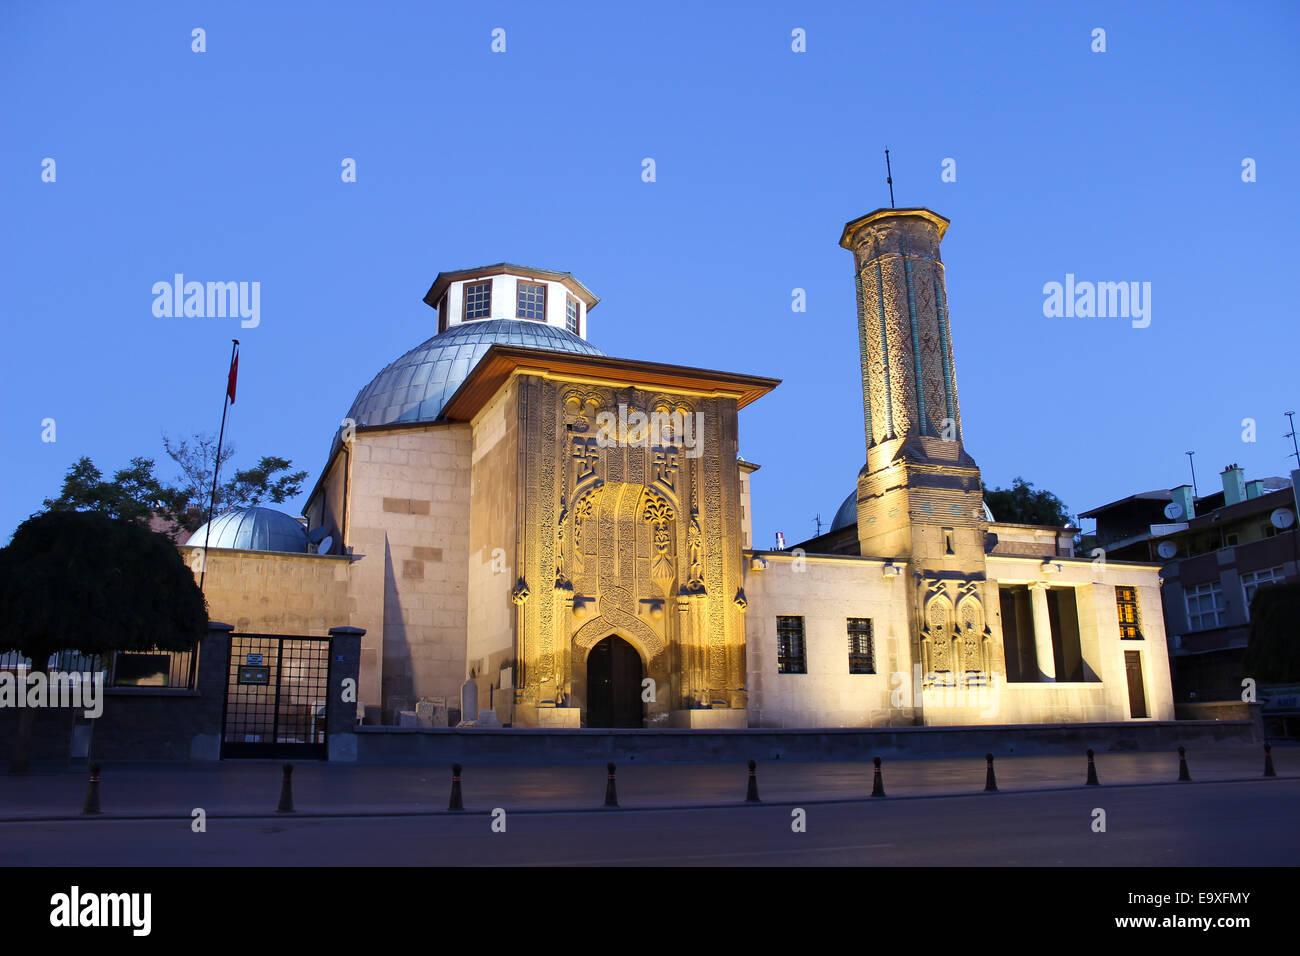 Ince Minaret Medrasah - Stock Image